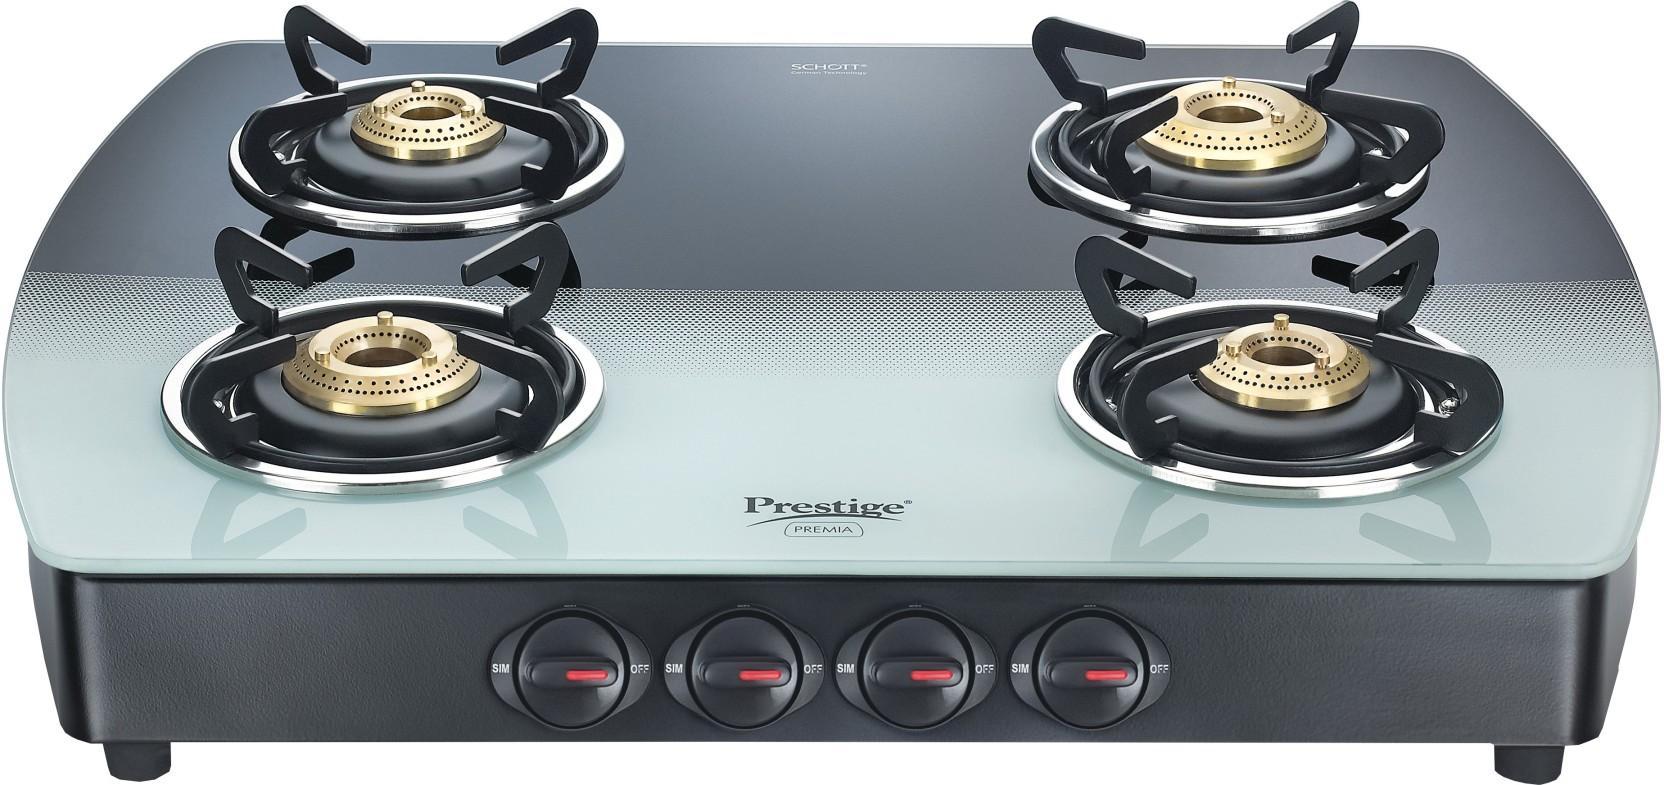 Prestige Premia Glass, Aluminium Manual Gas Stove Price in India ...